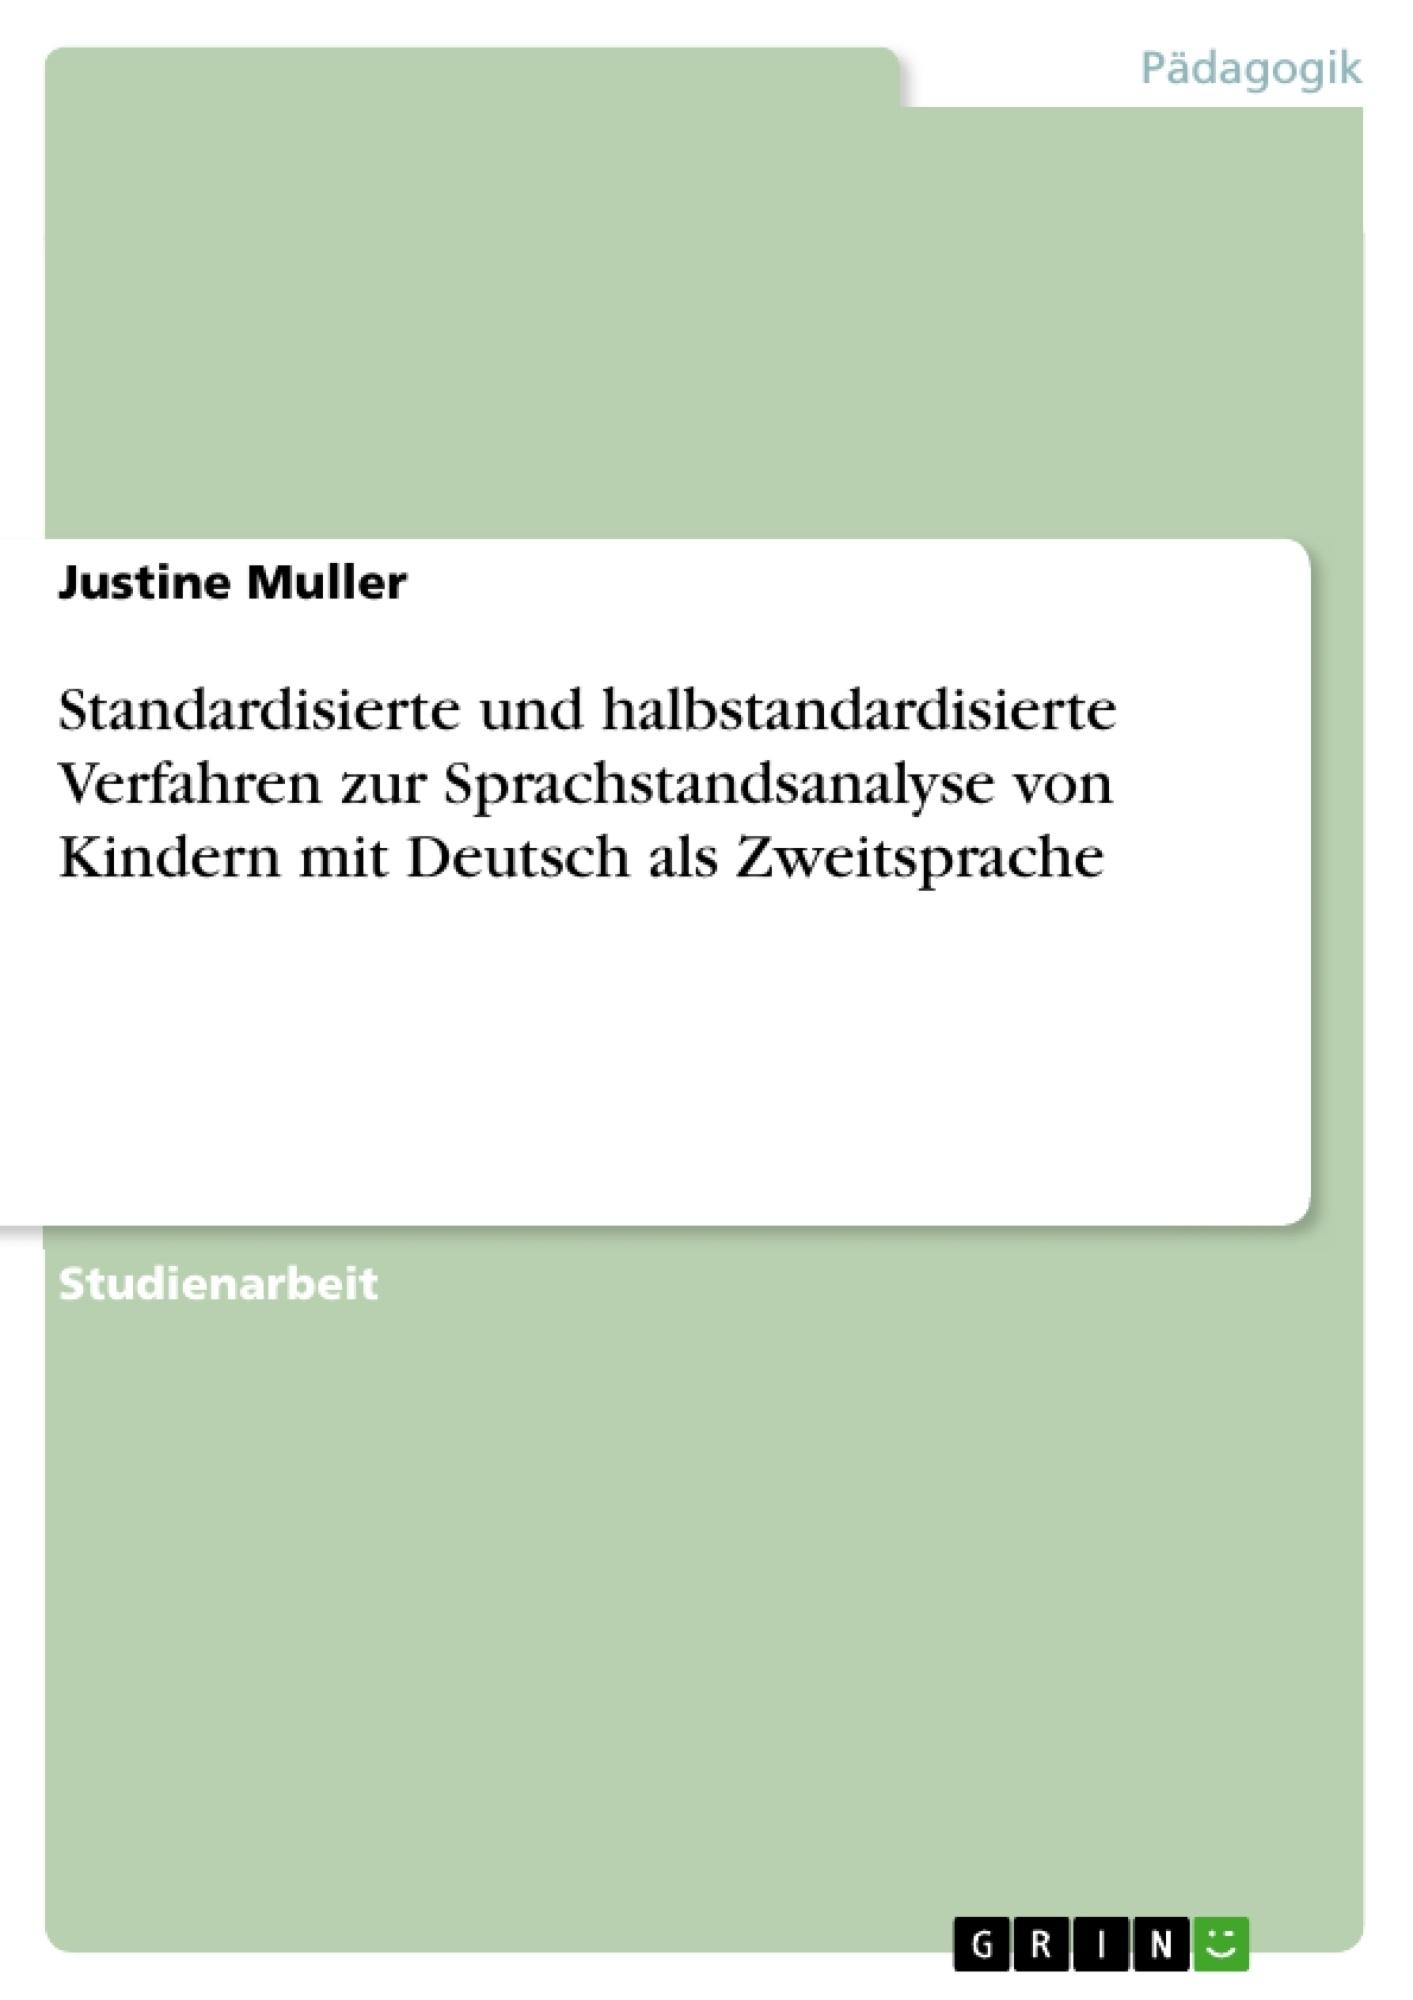 Titel: Standardisierte und halbstandardisierte Verfahren zur Sprachstandsanalyse von Kindern mit Deutsch als Zweitsprache